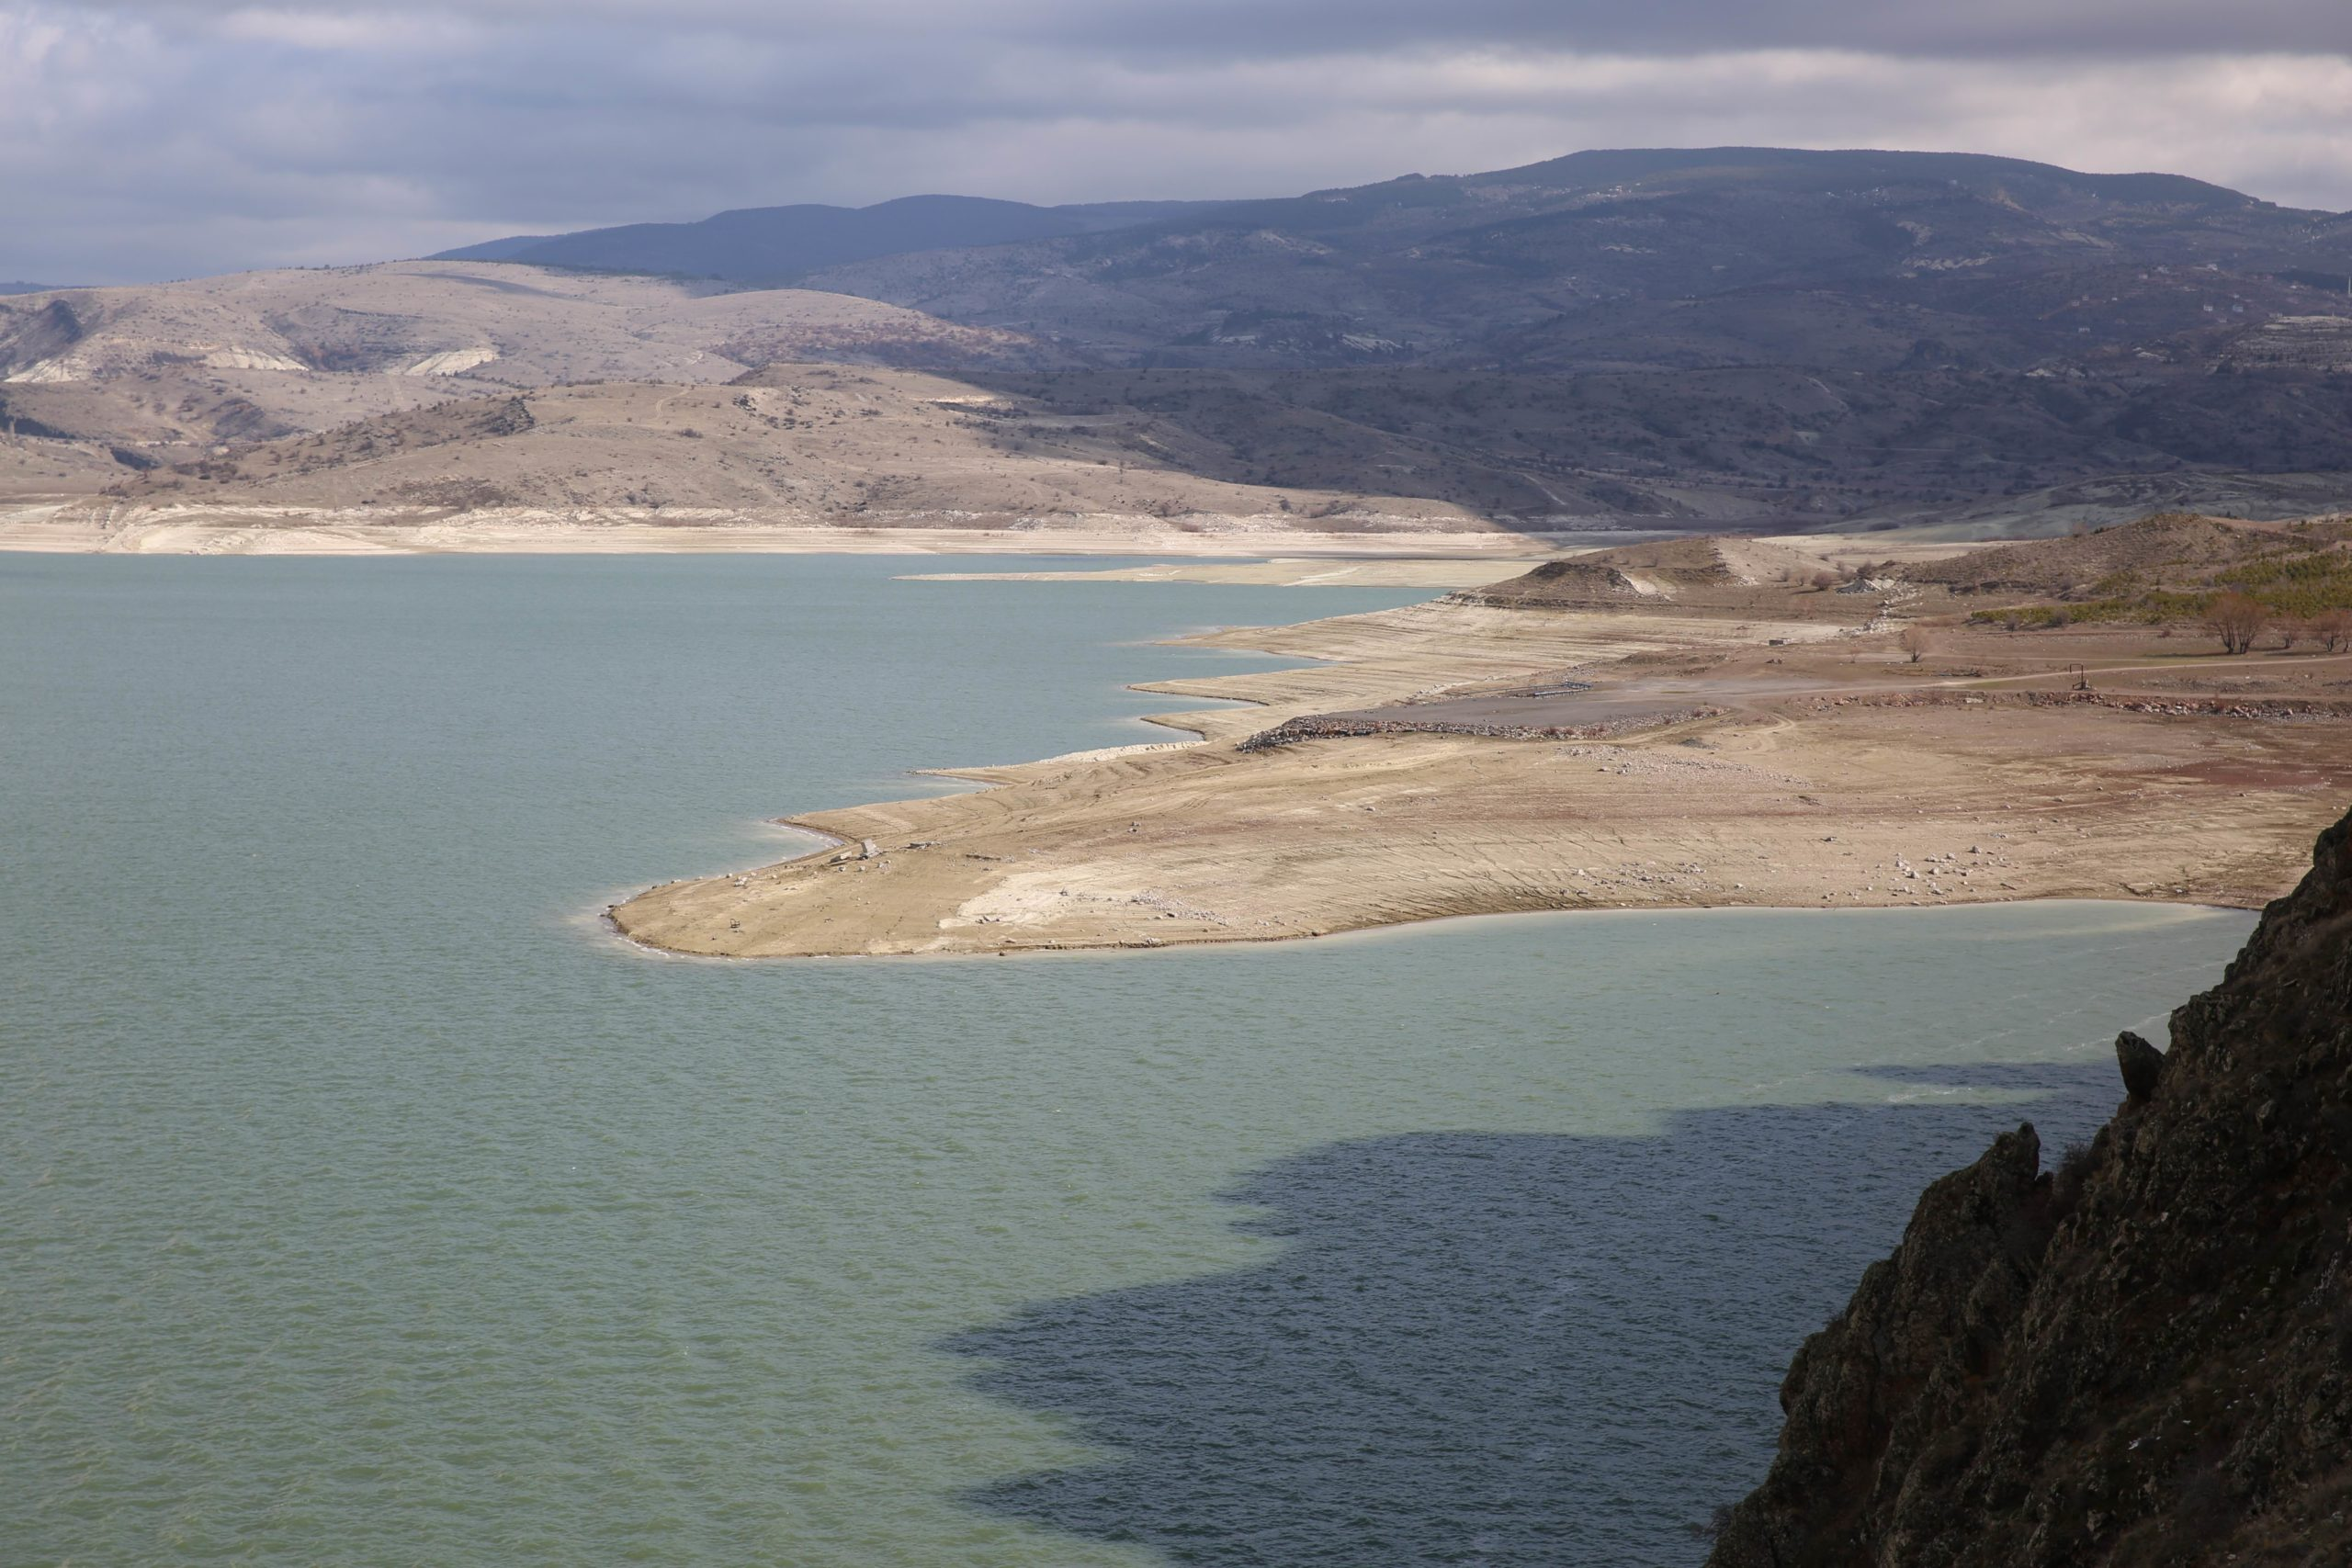 ASKİ: Barajlarda Geçen Yıla Göre 50 Milyon Metreküp Daha Az Su Var